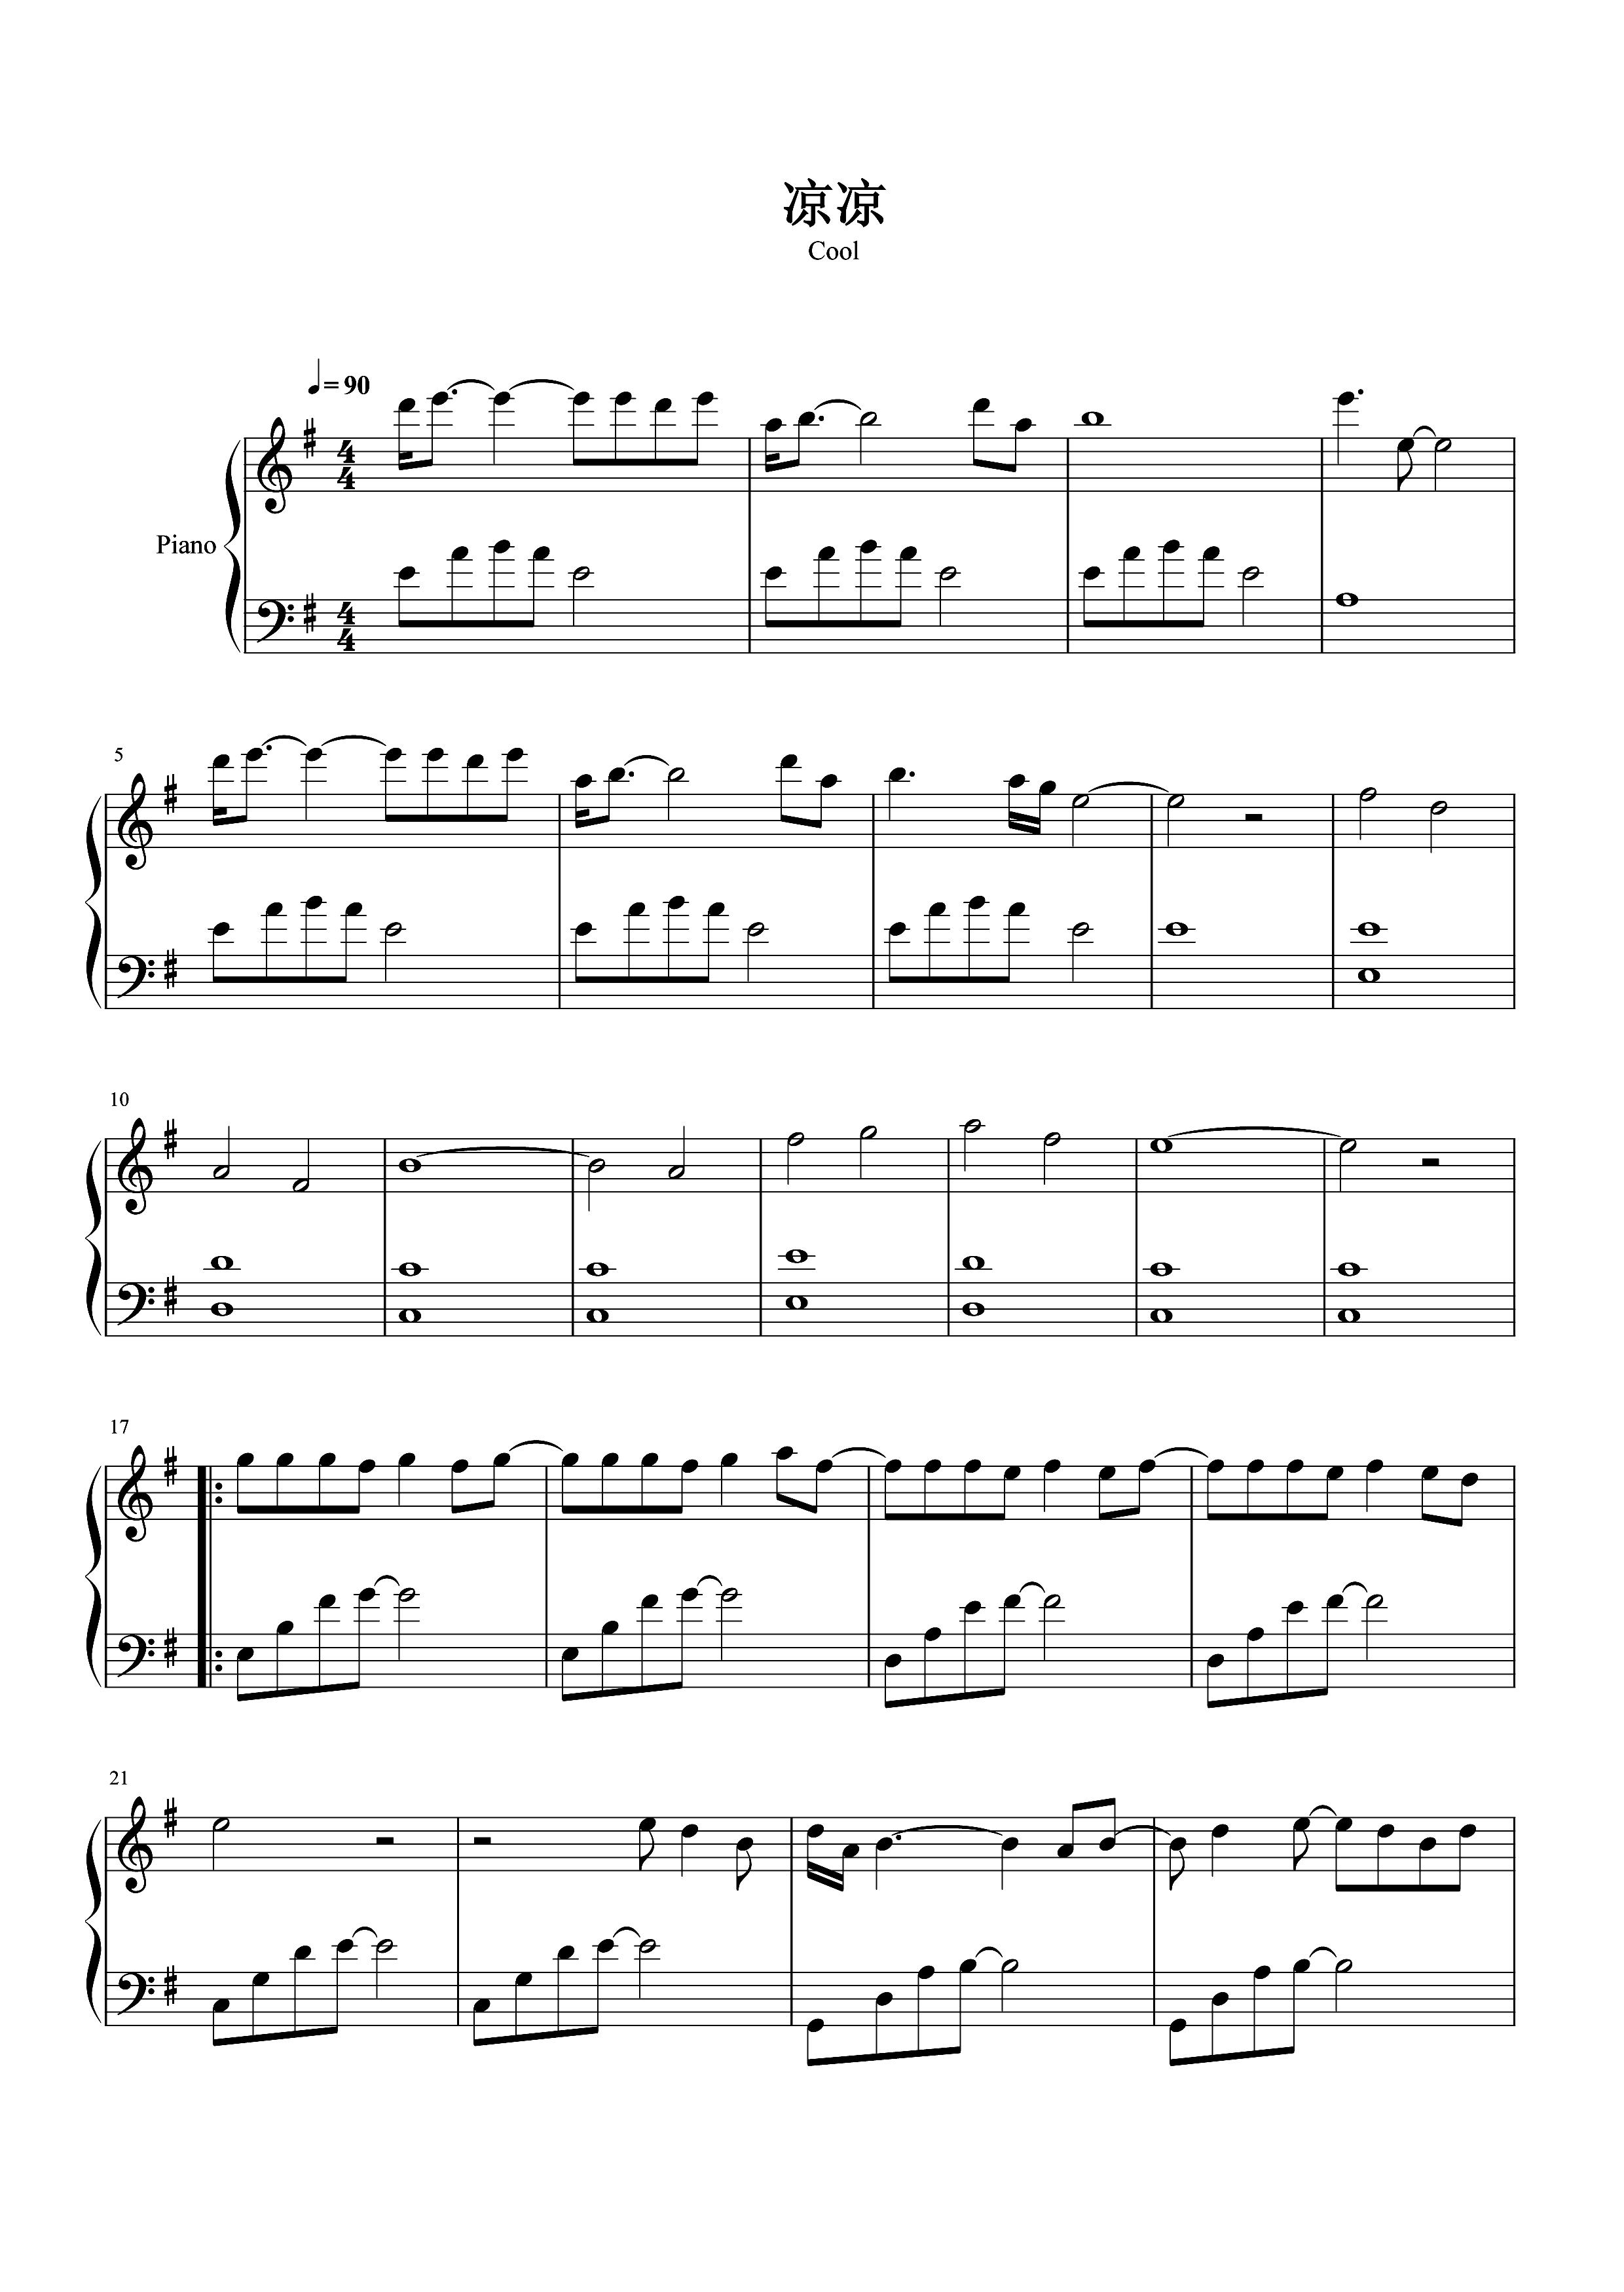 各位大神有《凉凉》钢琴伴奏版的谱子吗?